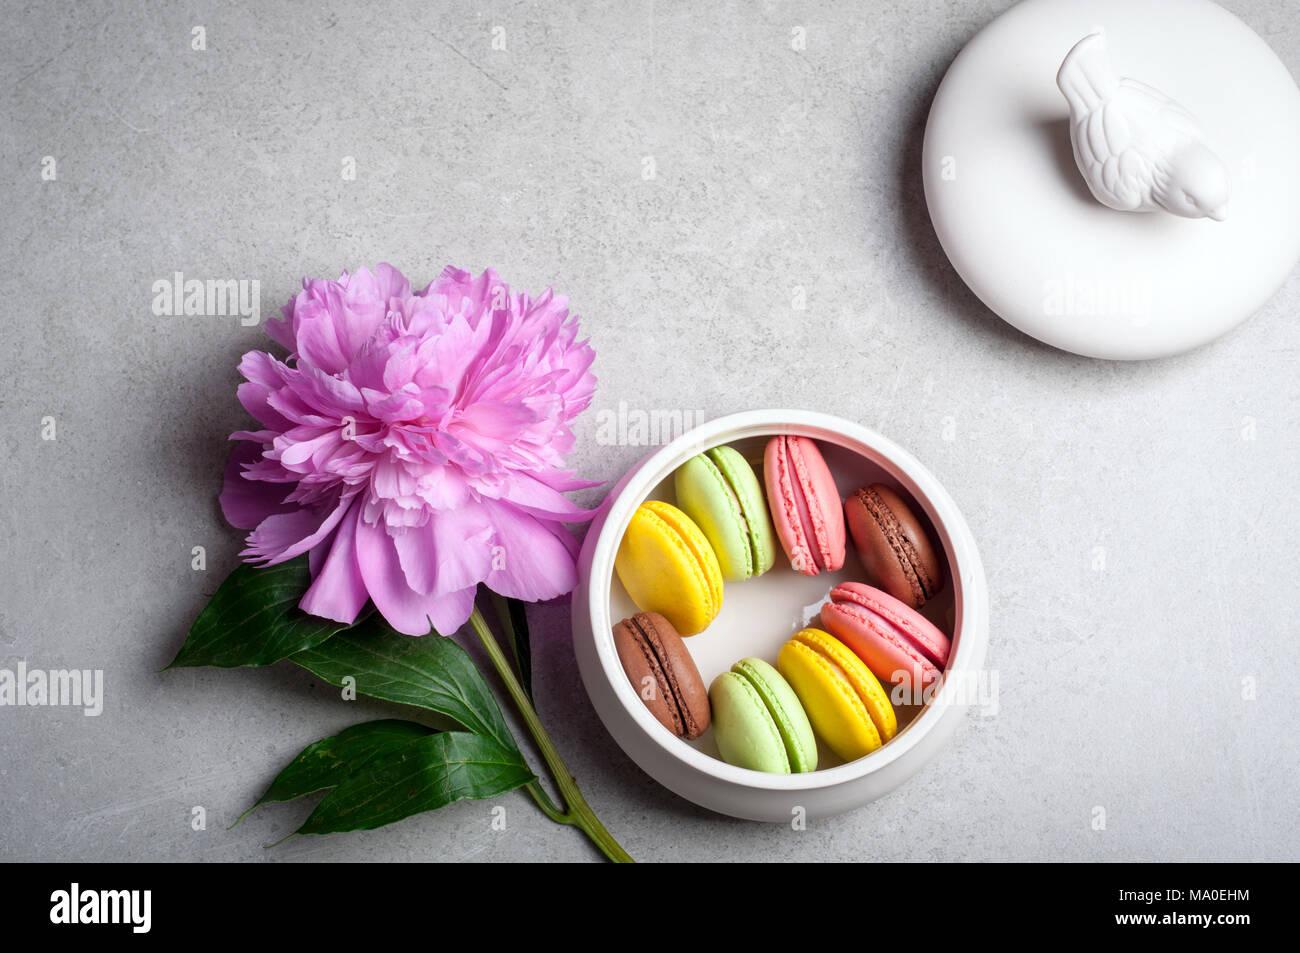 Flor de peonia, mostachones sobre fondo gris. Feliz cumpleaños, vacaciones, Valentine annivarsary concepto Imagen De Stock